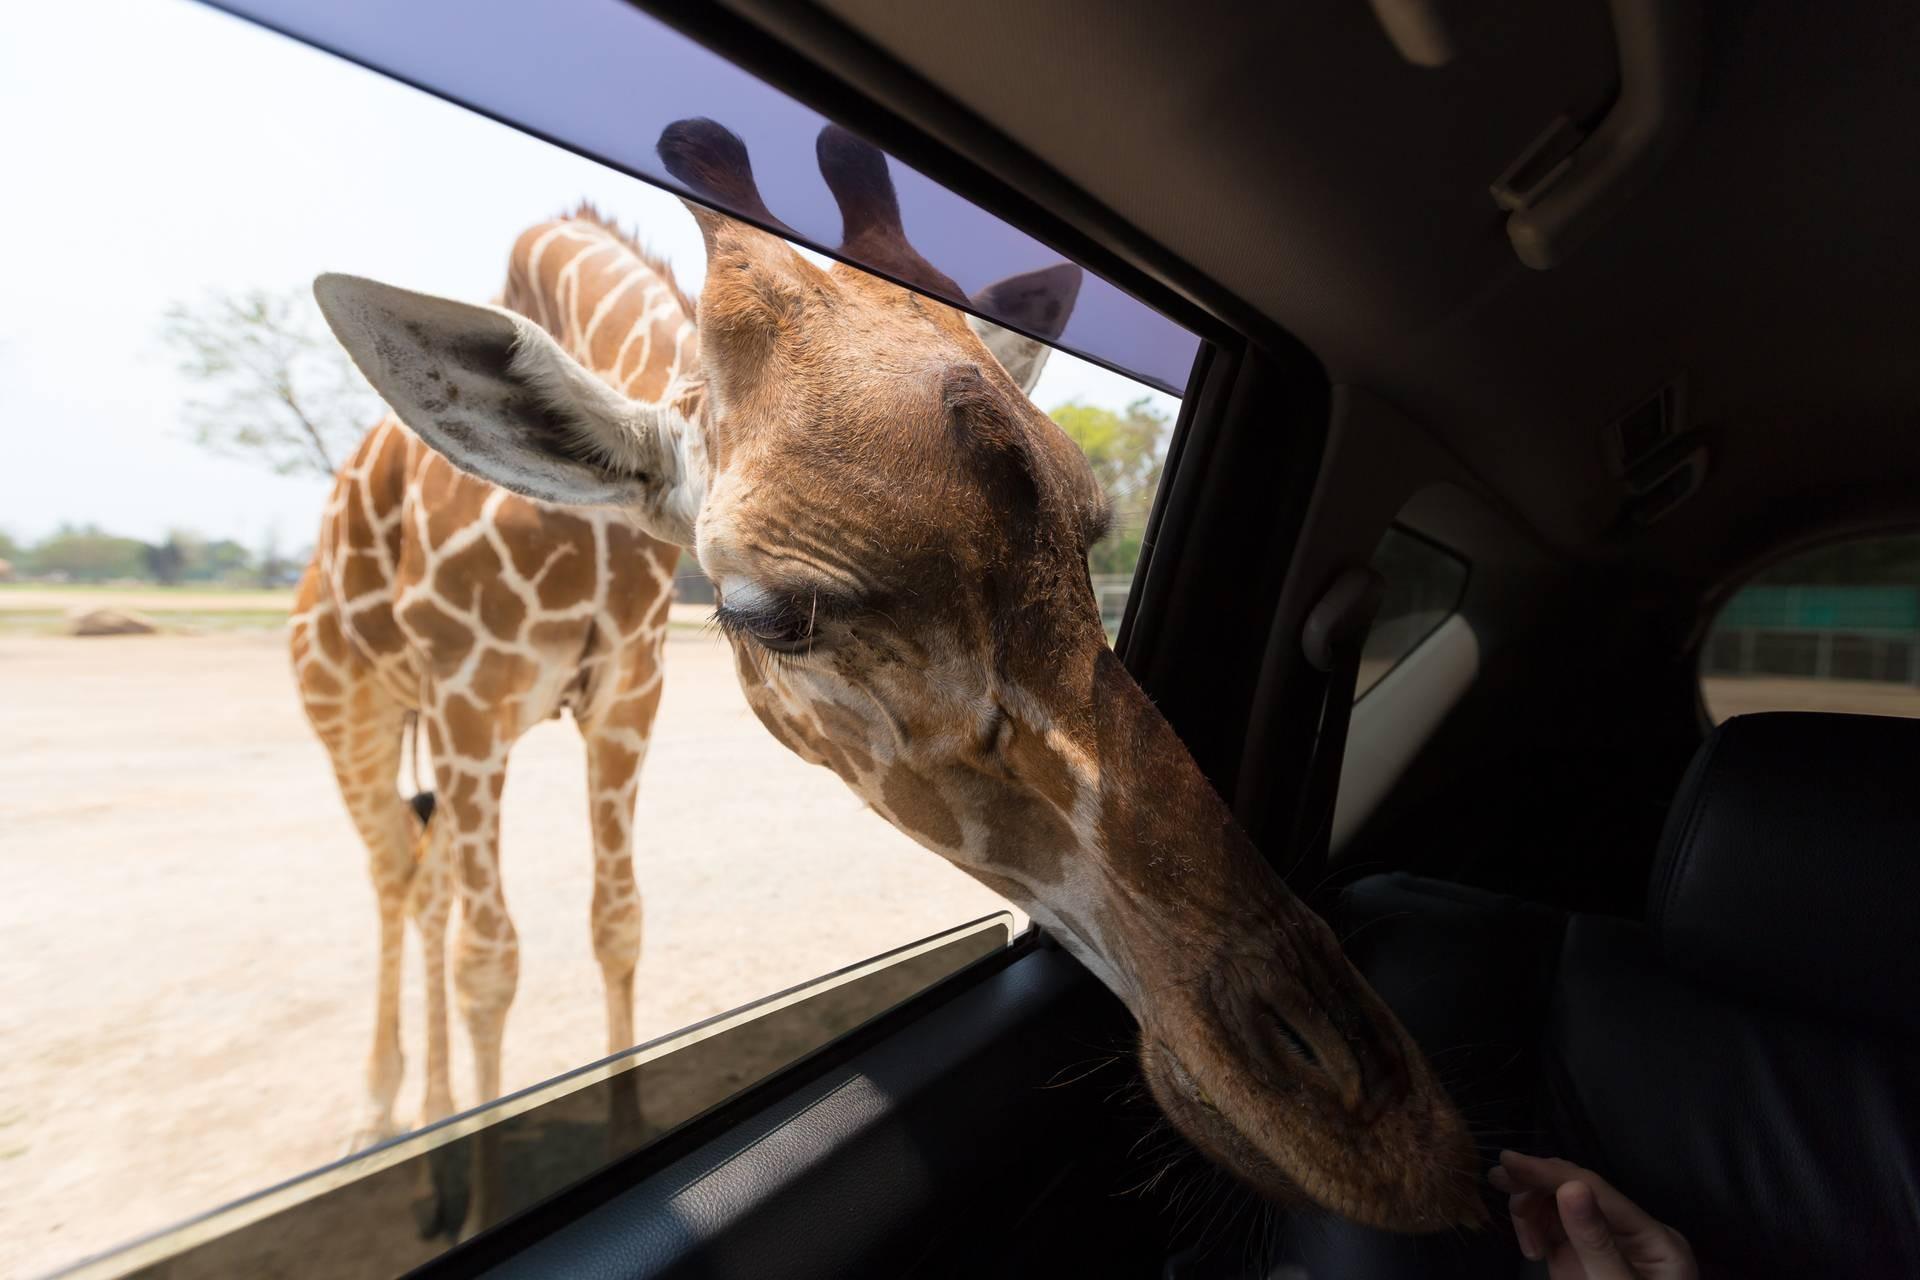 สวนสัตว์เปิด ซาฟารี ปาร์ค